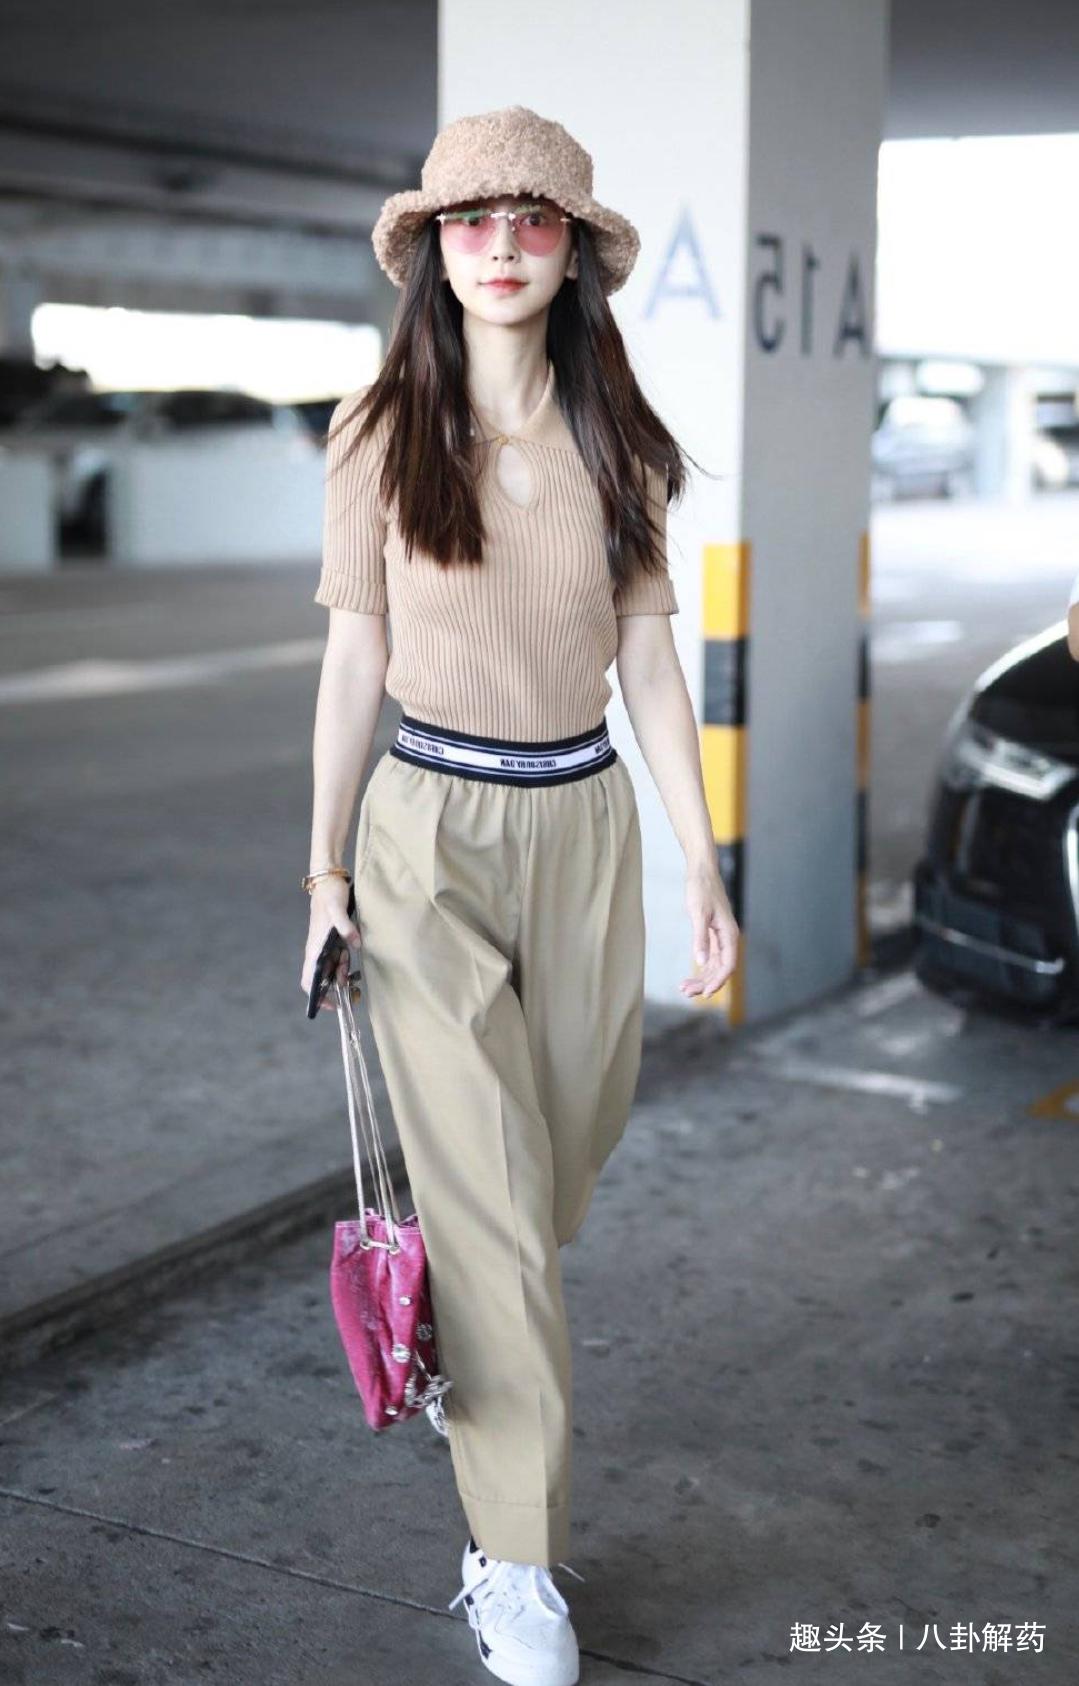 杨颖机场一改常态,不仅不秀腰不秀腿,还戴上了小海绵的帽子?